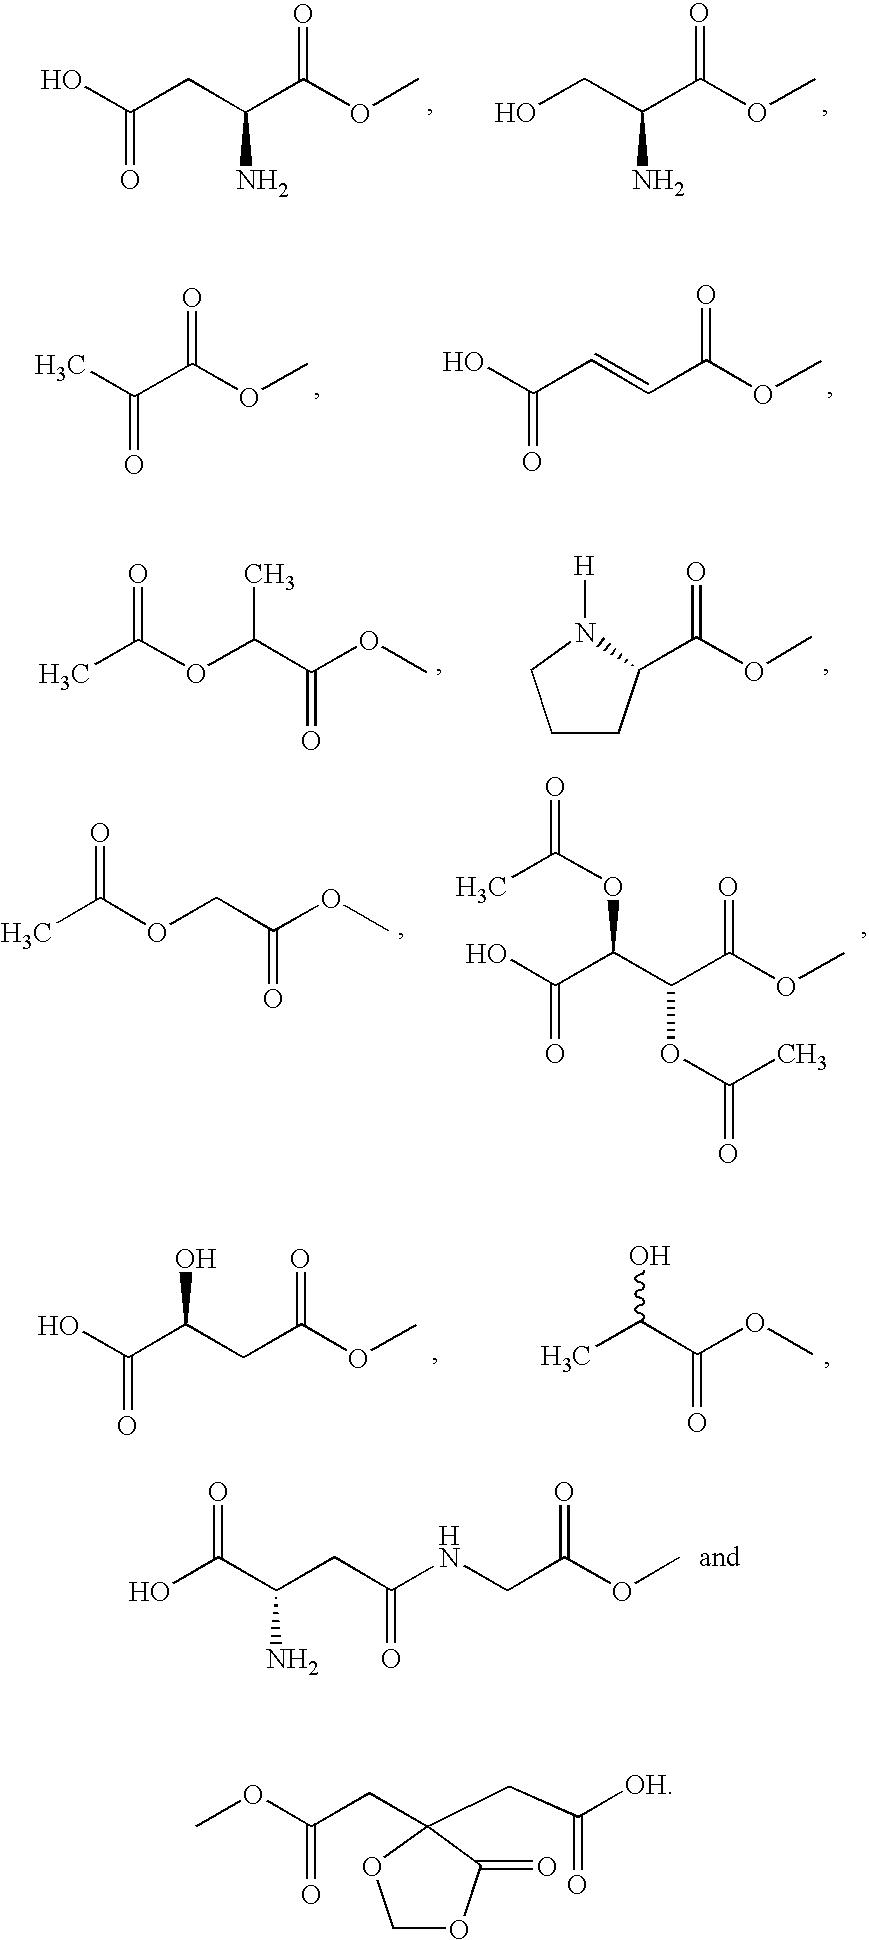 Figure US20070015741A1-20070118-C00028